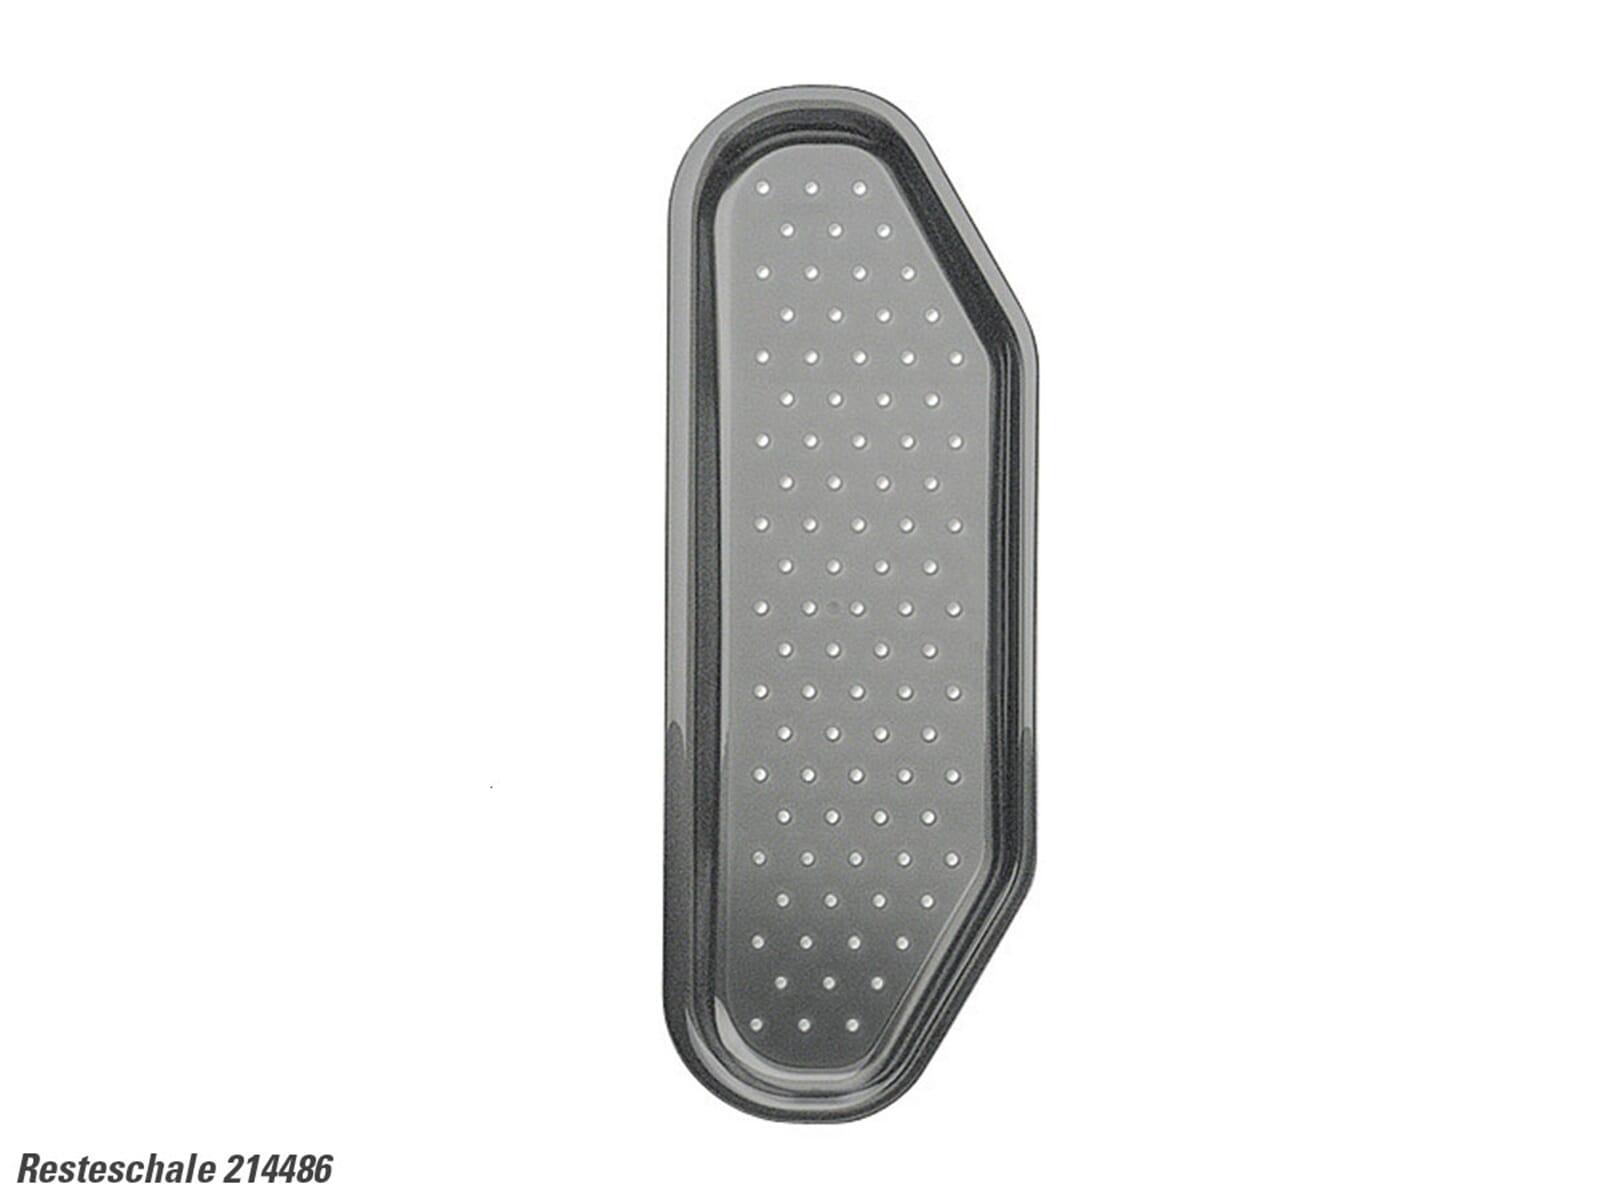 blanco 214486 resteschale kunststoff grau ebay. Black Bedroom Furniture Sets. Home Design Ideas